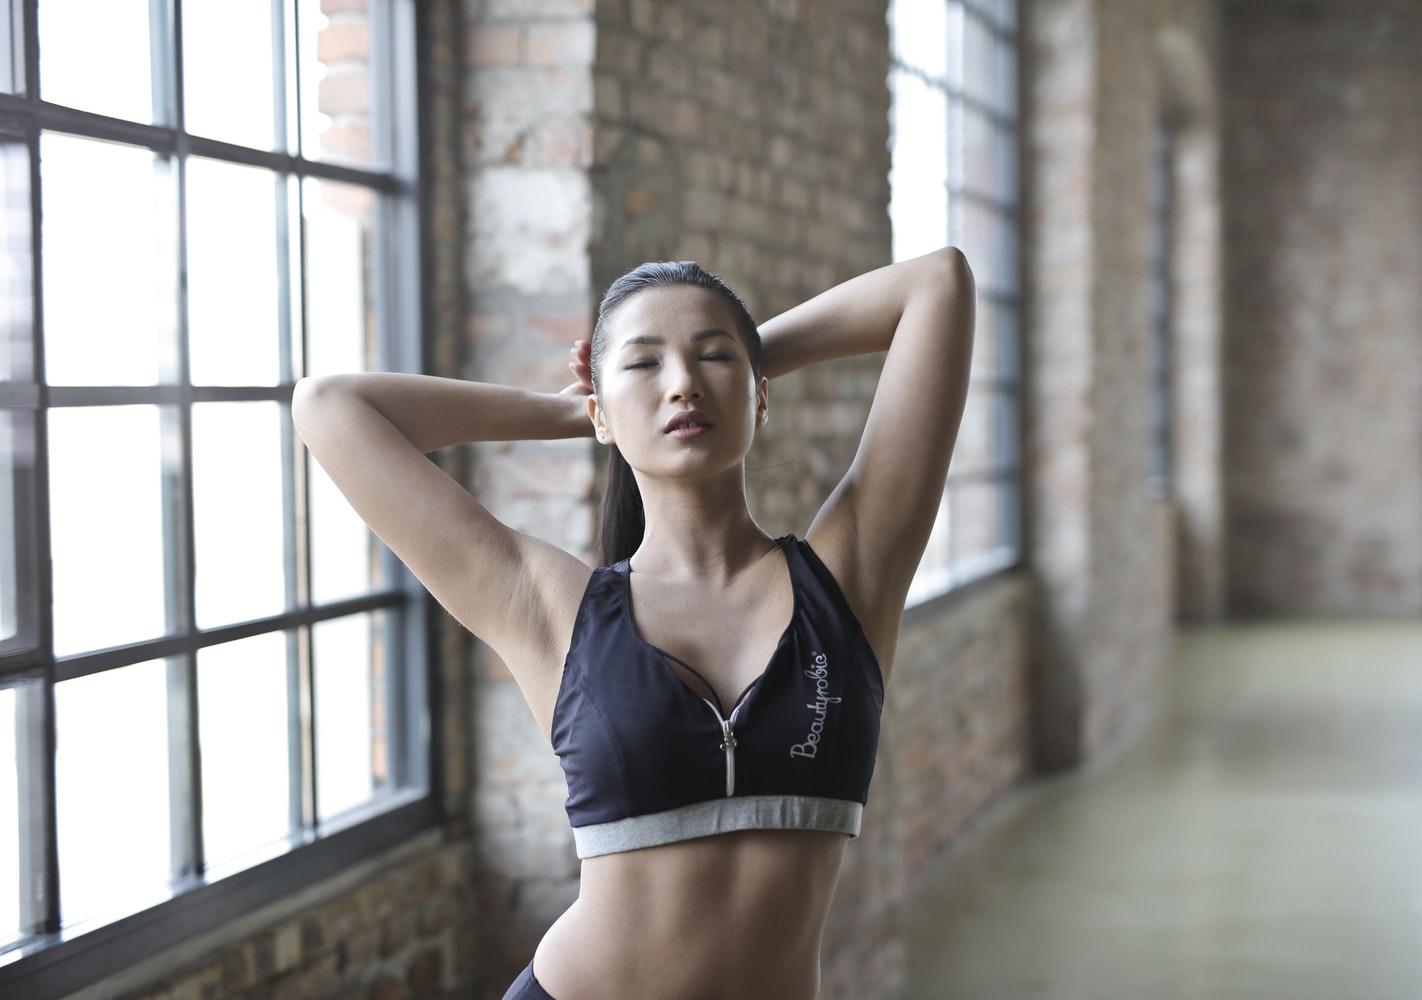 Потянууулись: упражнения на растяжку мышц и суставов